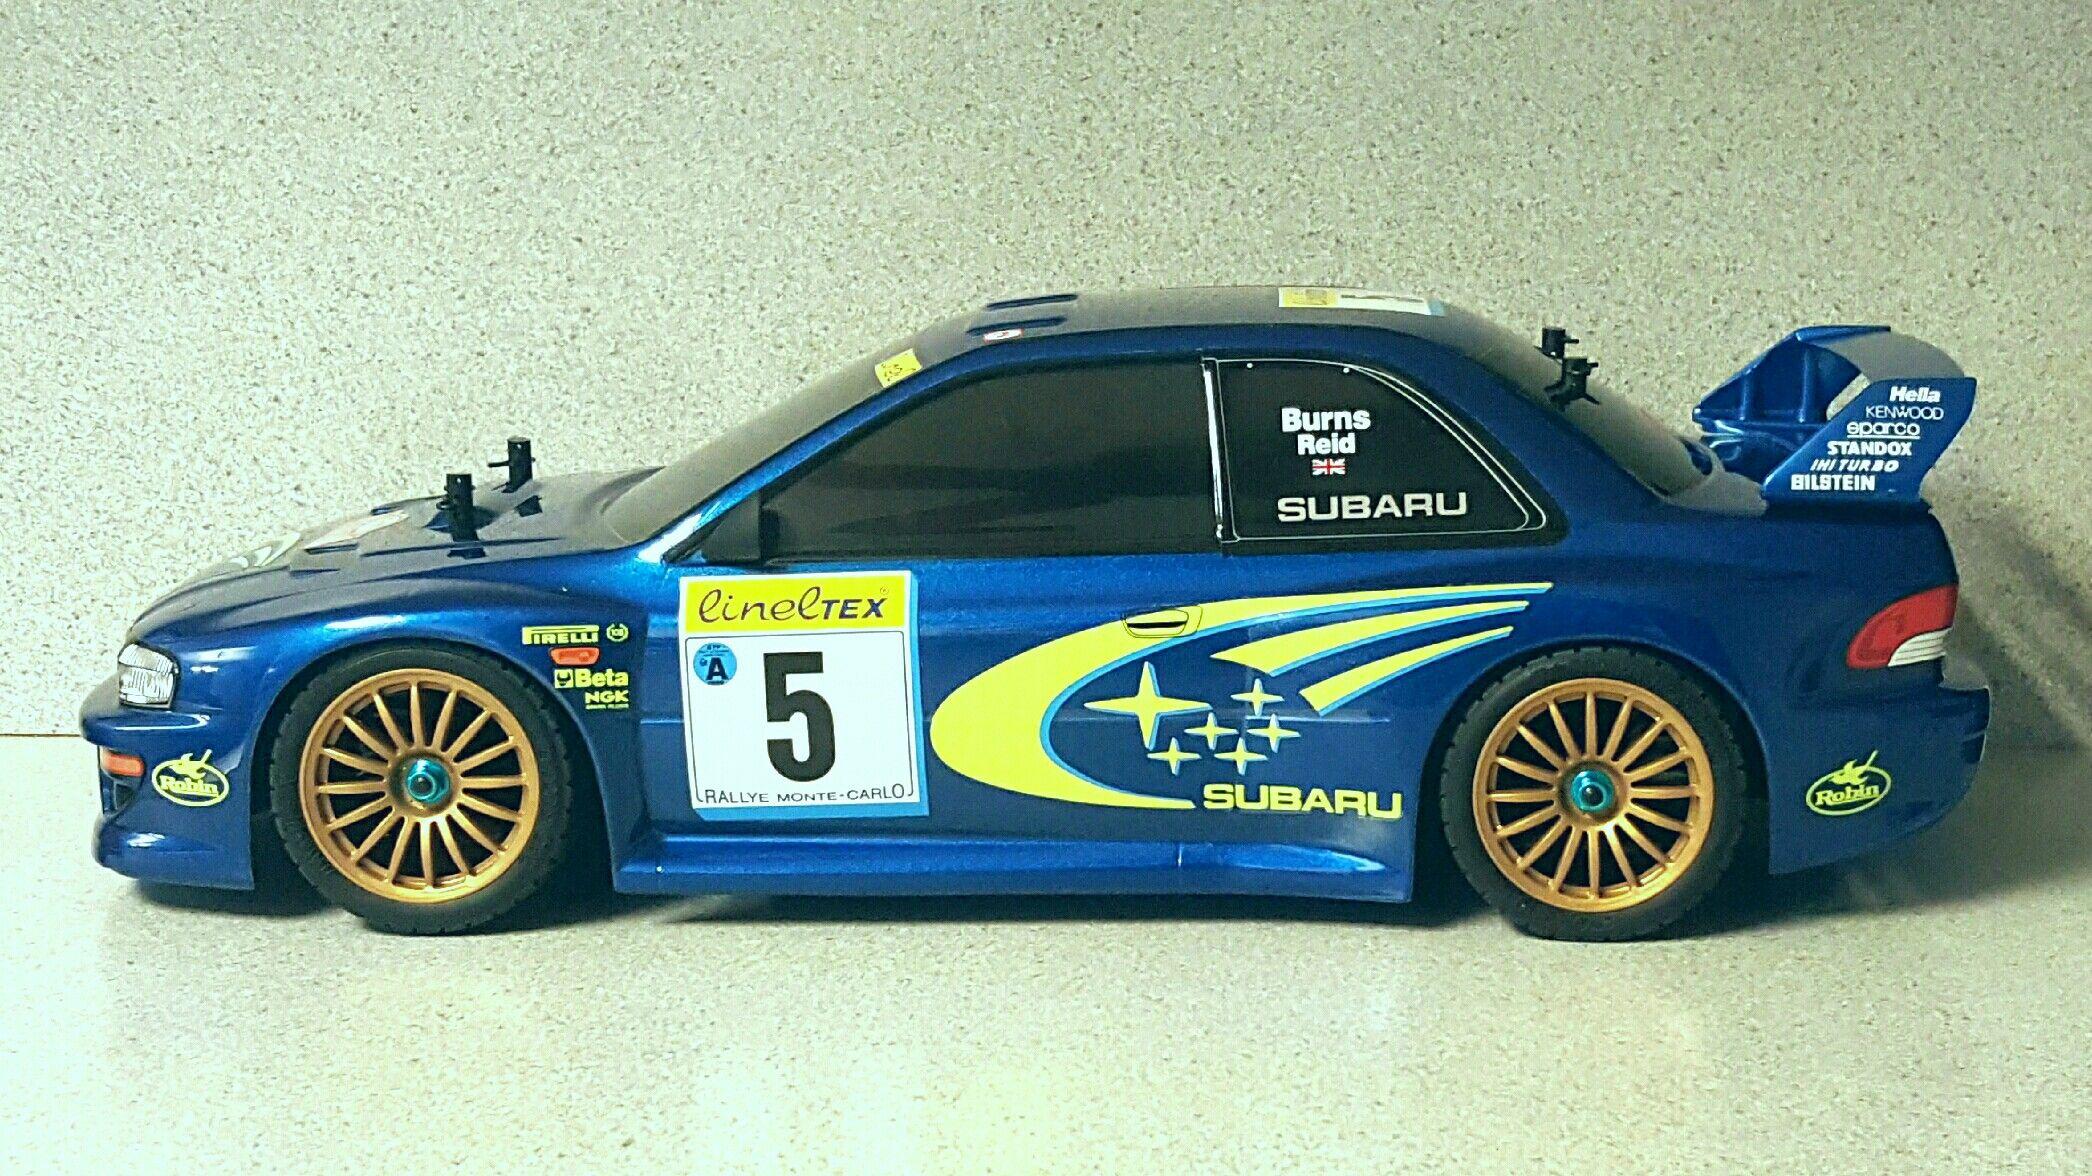 Subaru rc car